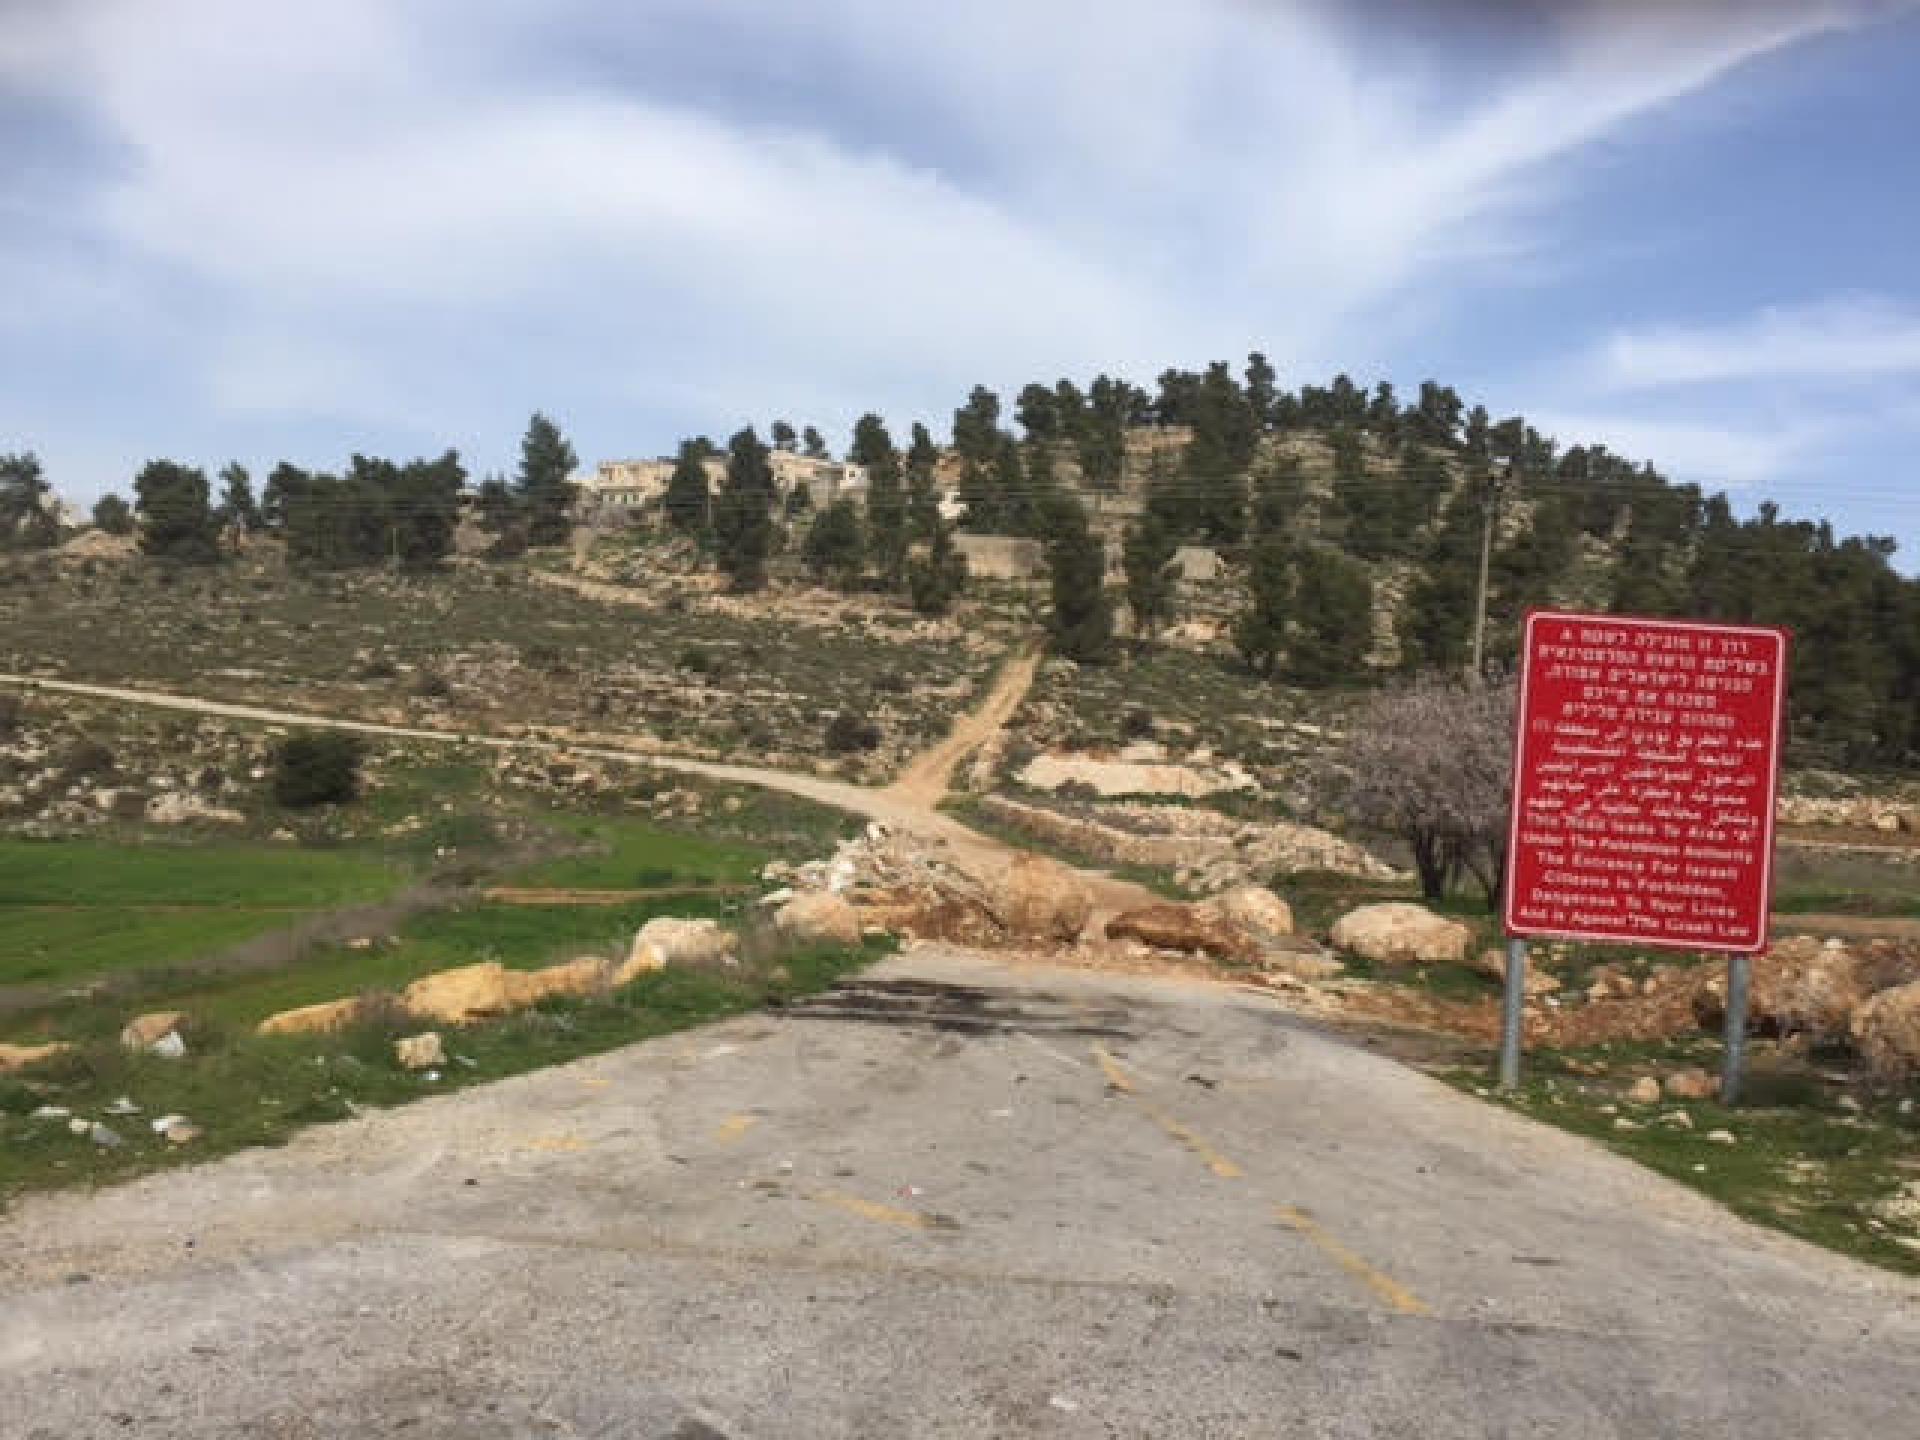 סוללה קטנה חוסמת כניסה ליישוב פלסטיני ולצידה שלט אדום המזהיר שזהו שטח A